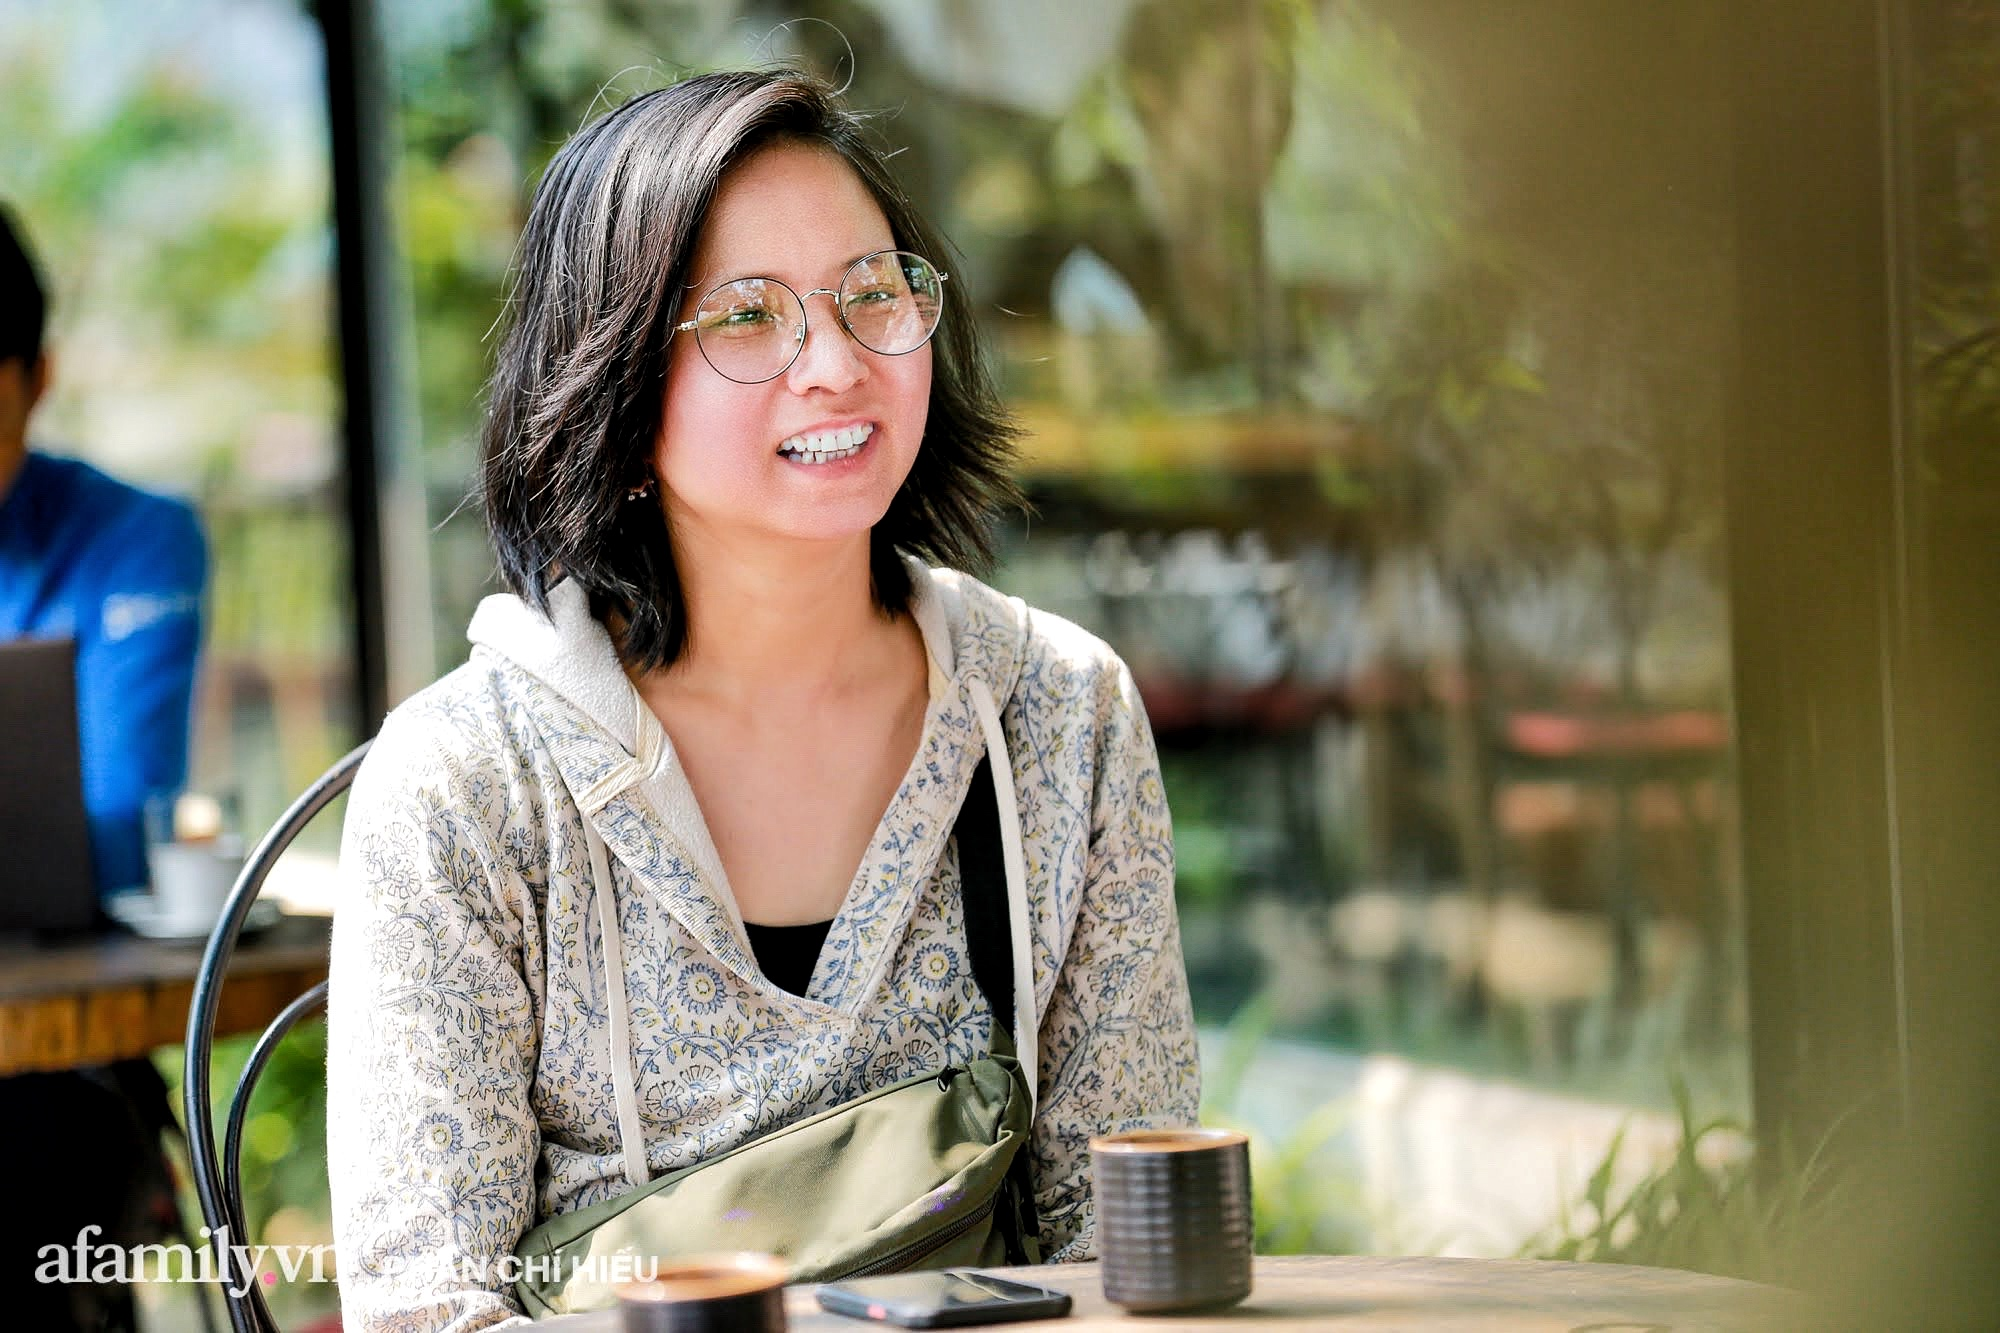 """Người Việt duy nhất lọt vào danh sách """"100 phụ nữ của năm 2020"""" trên toàn thế giới kể về cuộc gọi kỳ lạ từ phóng viên đài BBC, làm nên cột mốc quan trọng trong sự nghiệp - Ảnh 1."""